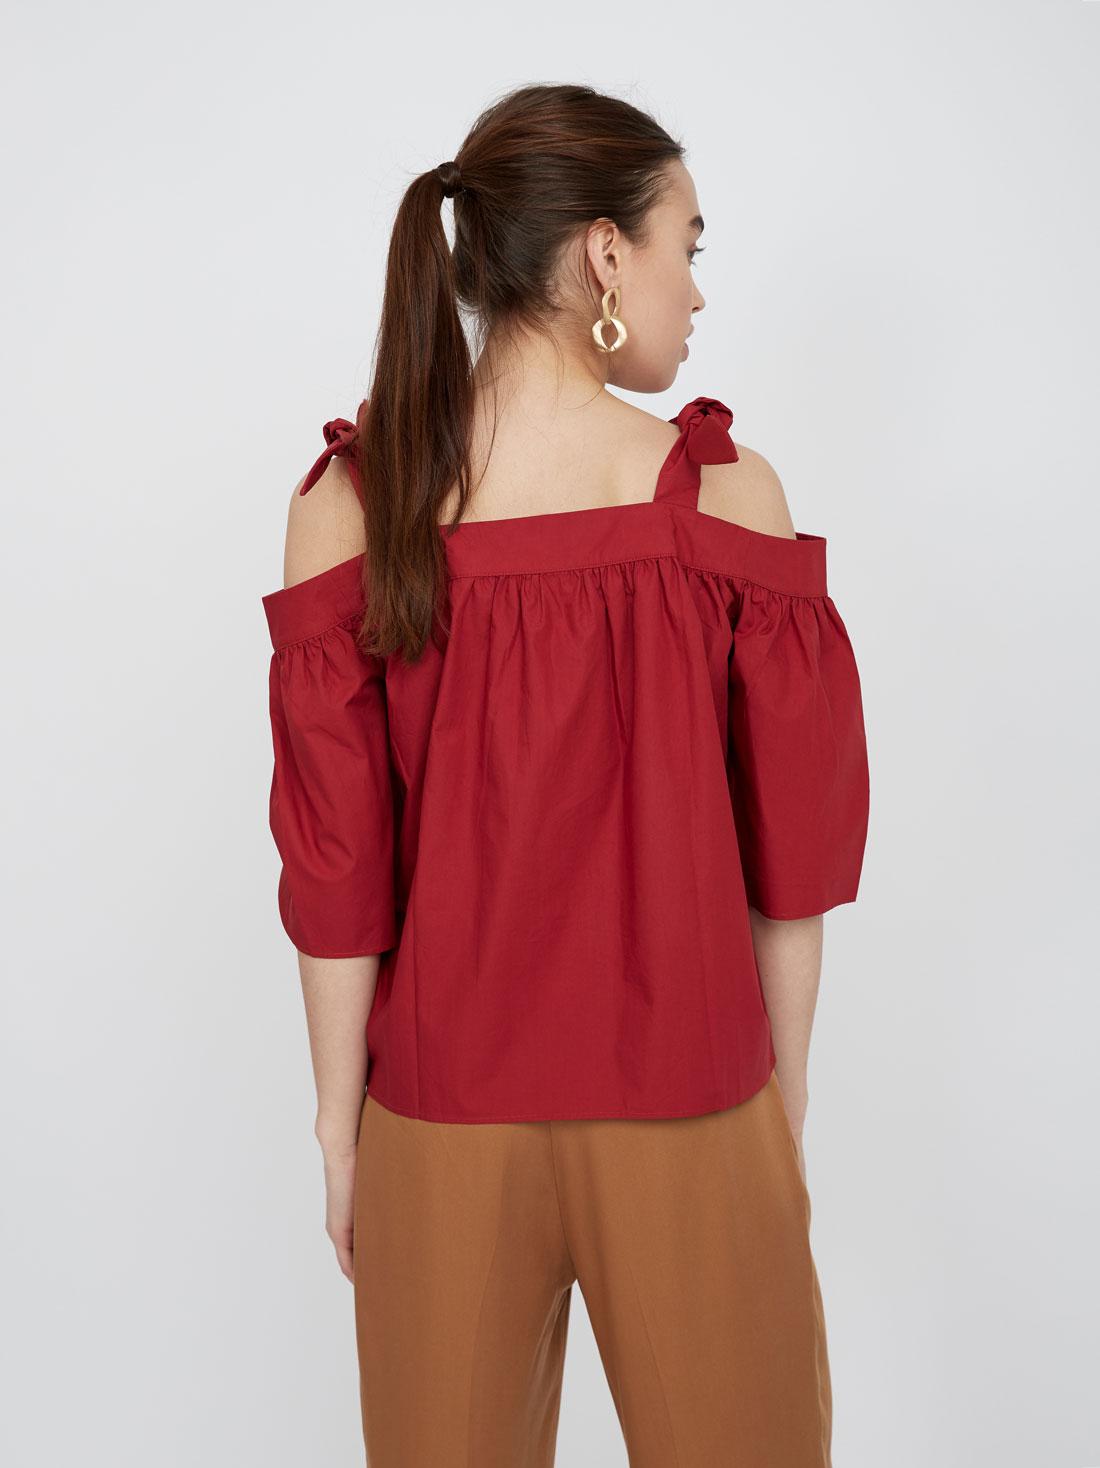 Хлопковая блузка с открытыми плечами